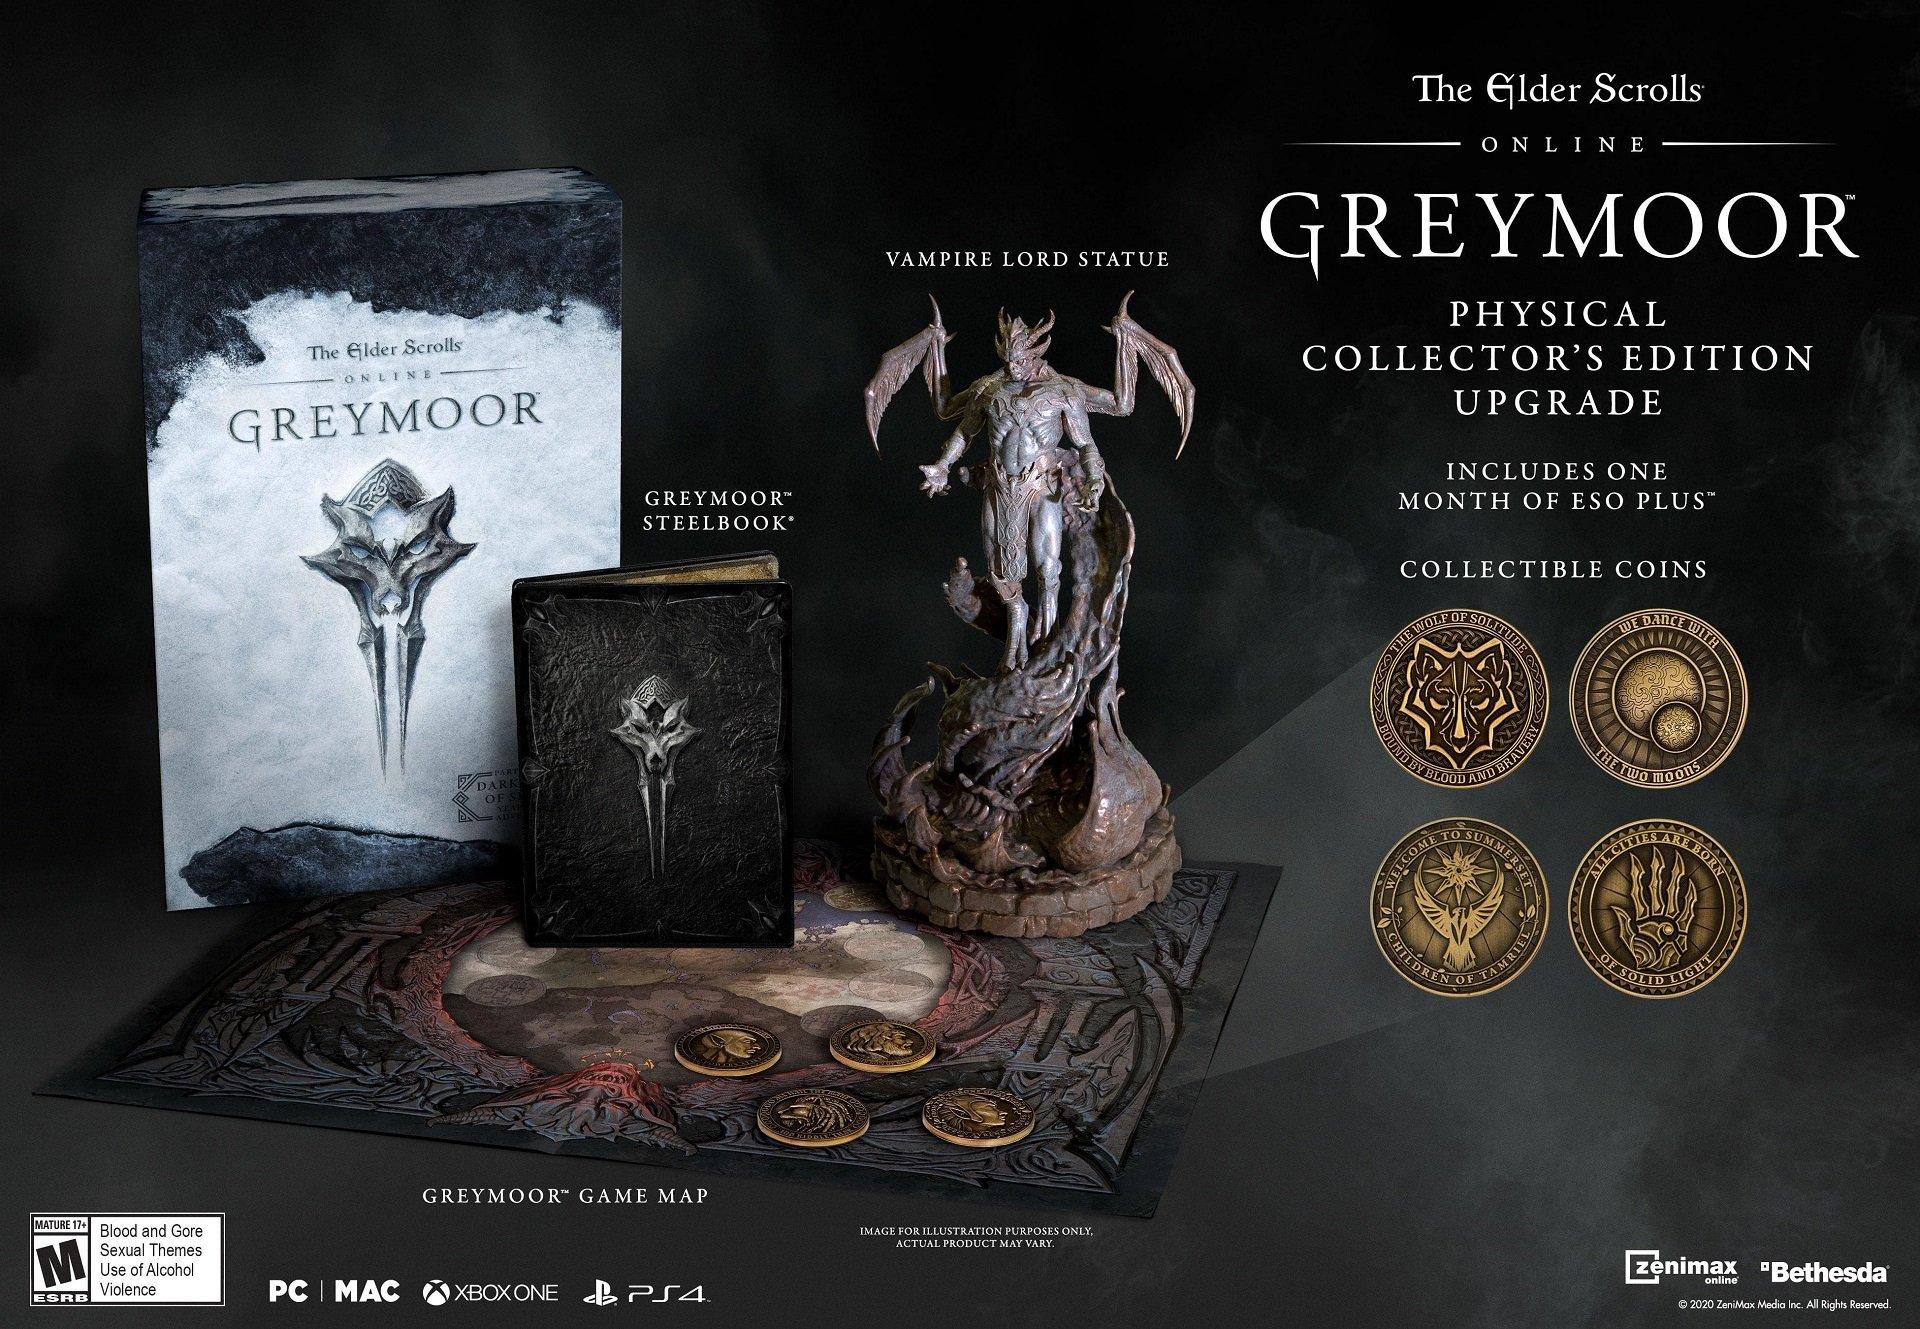 The Elder Scrolls Online Greymoor The Elder Scrolls Online Dark Heart of Skyrim